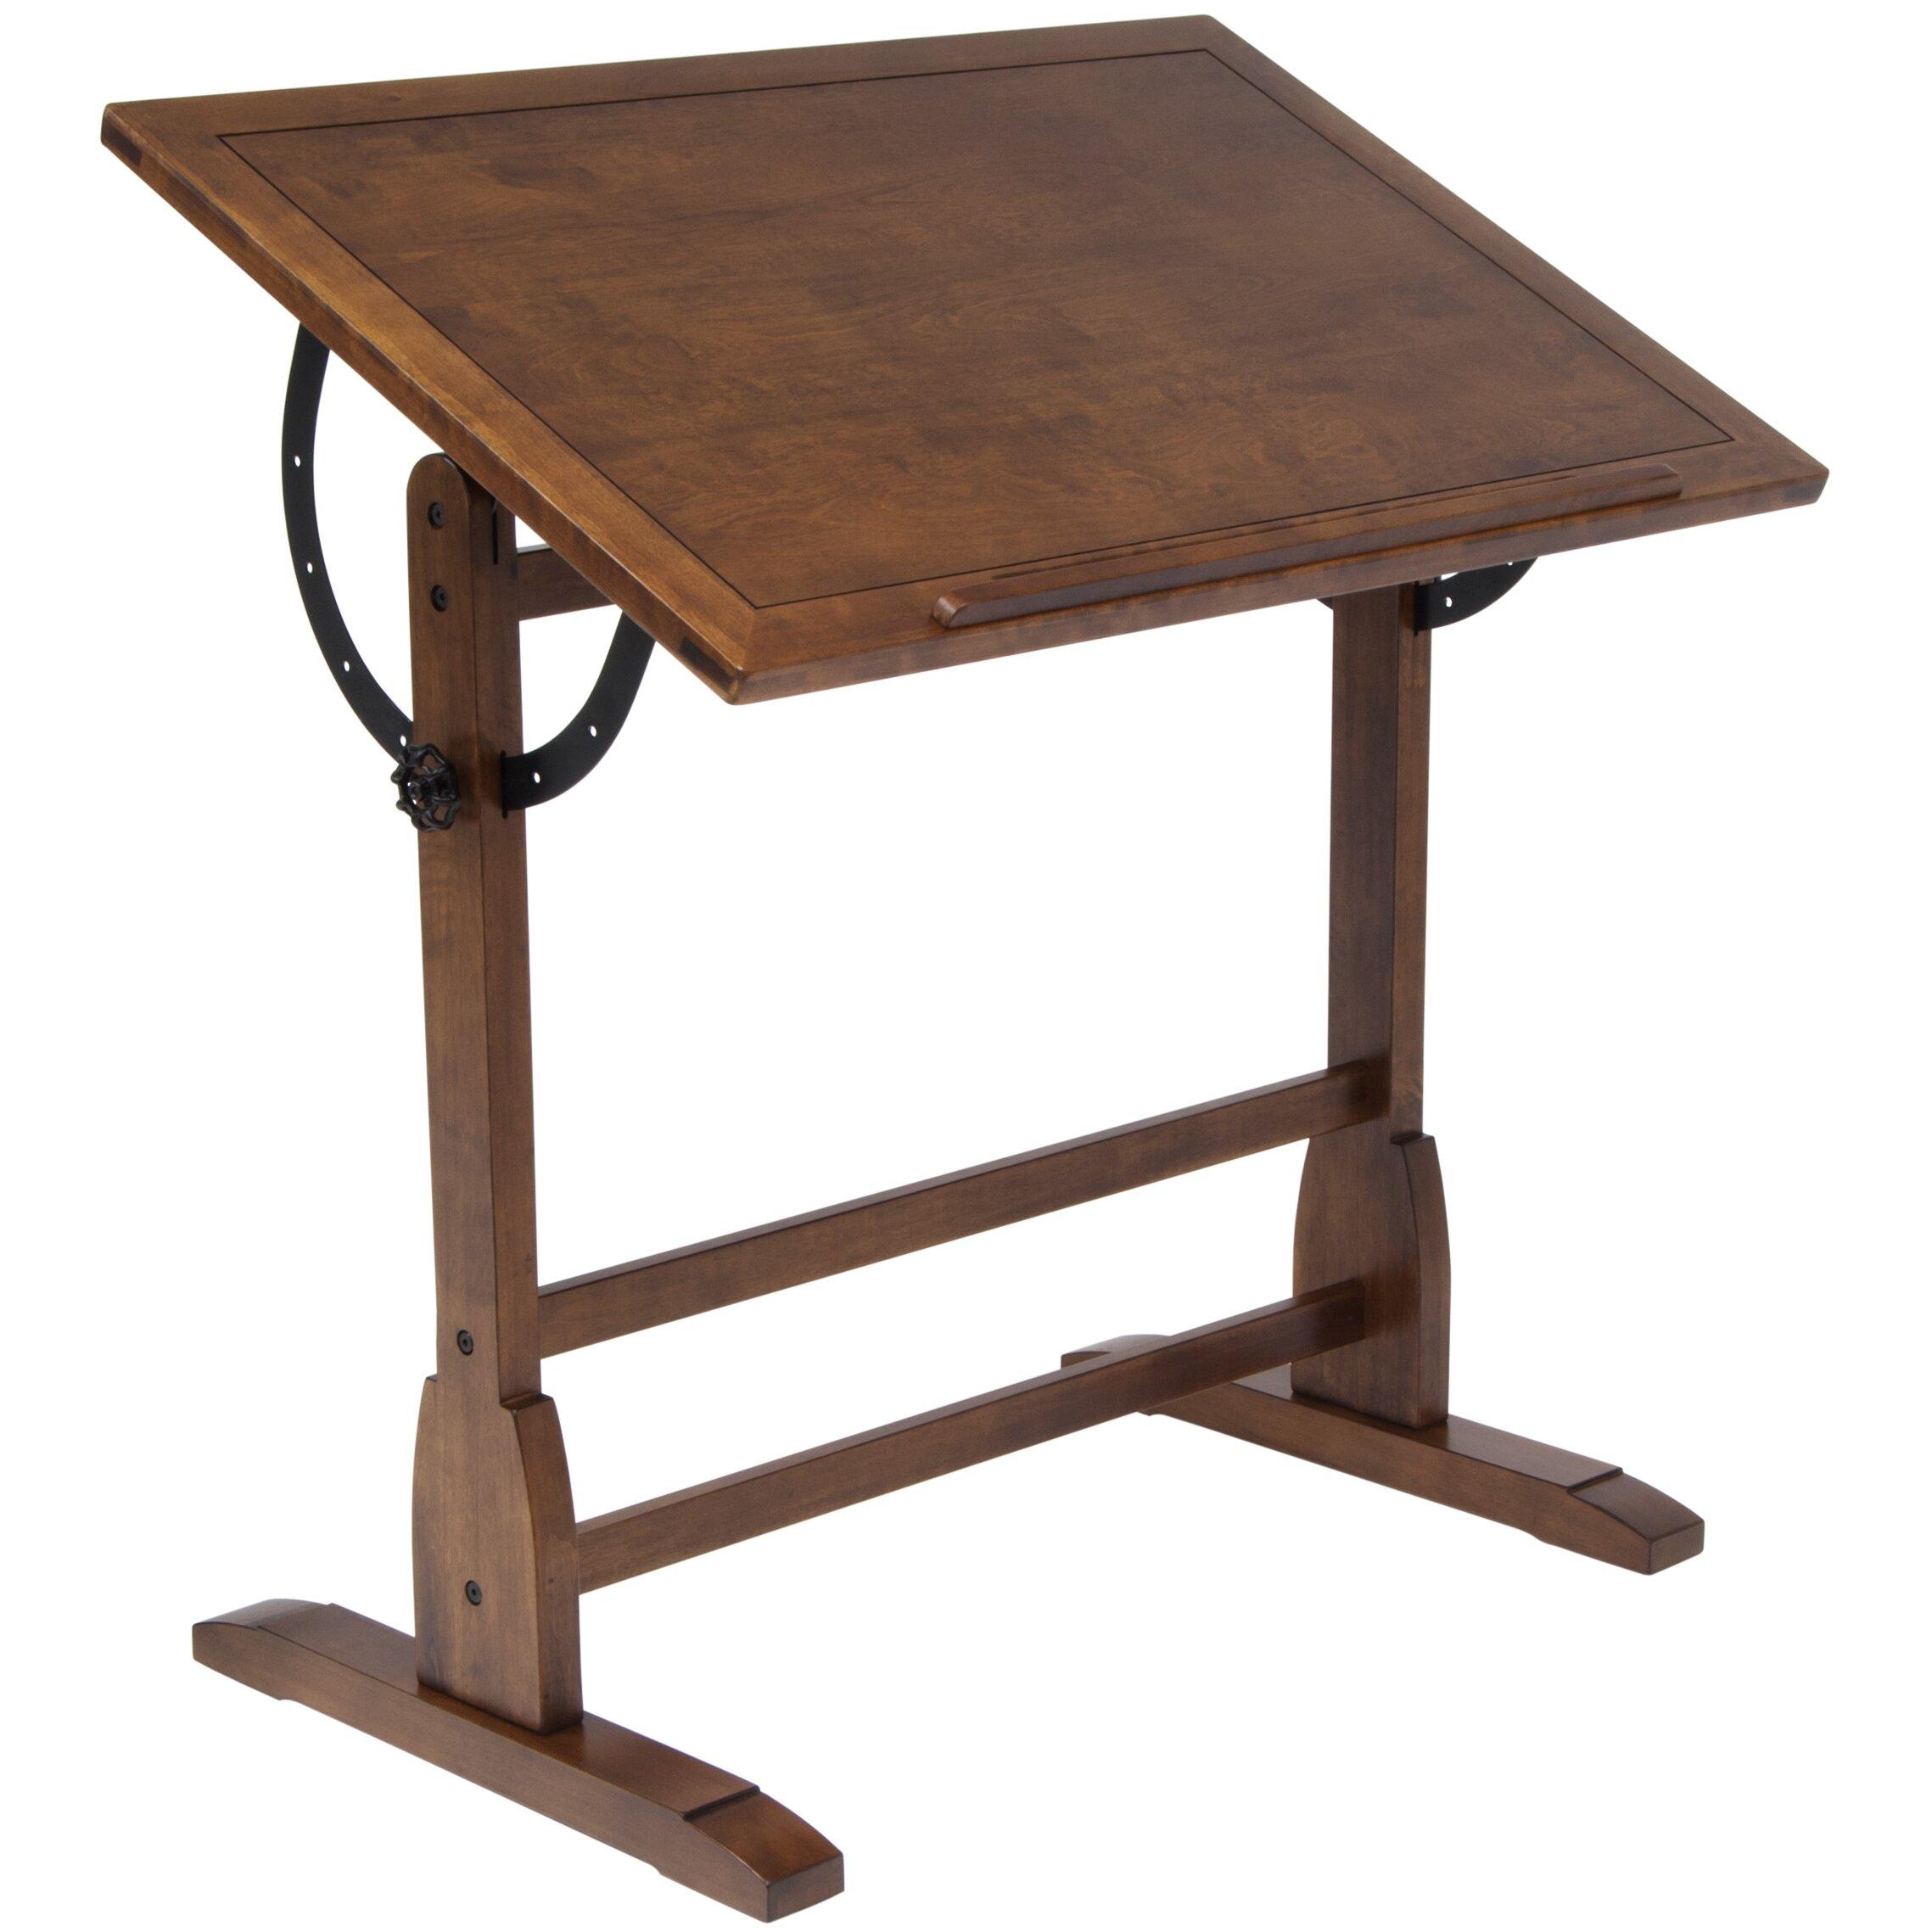 Studio Designs Vintage Wood Drafting Table amp Reviews Wayfair